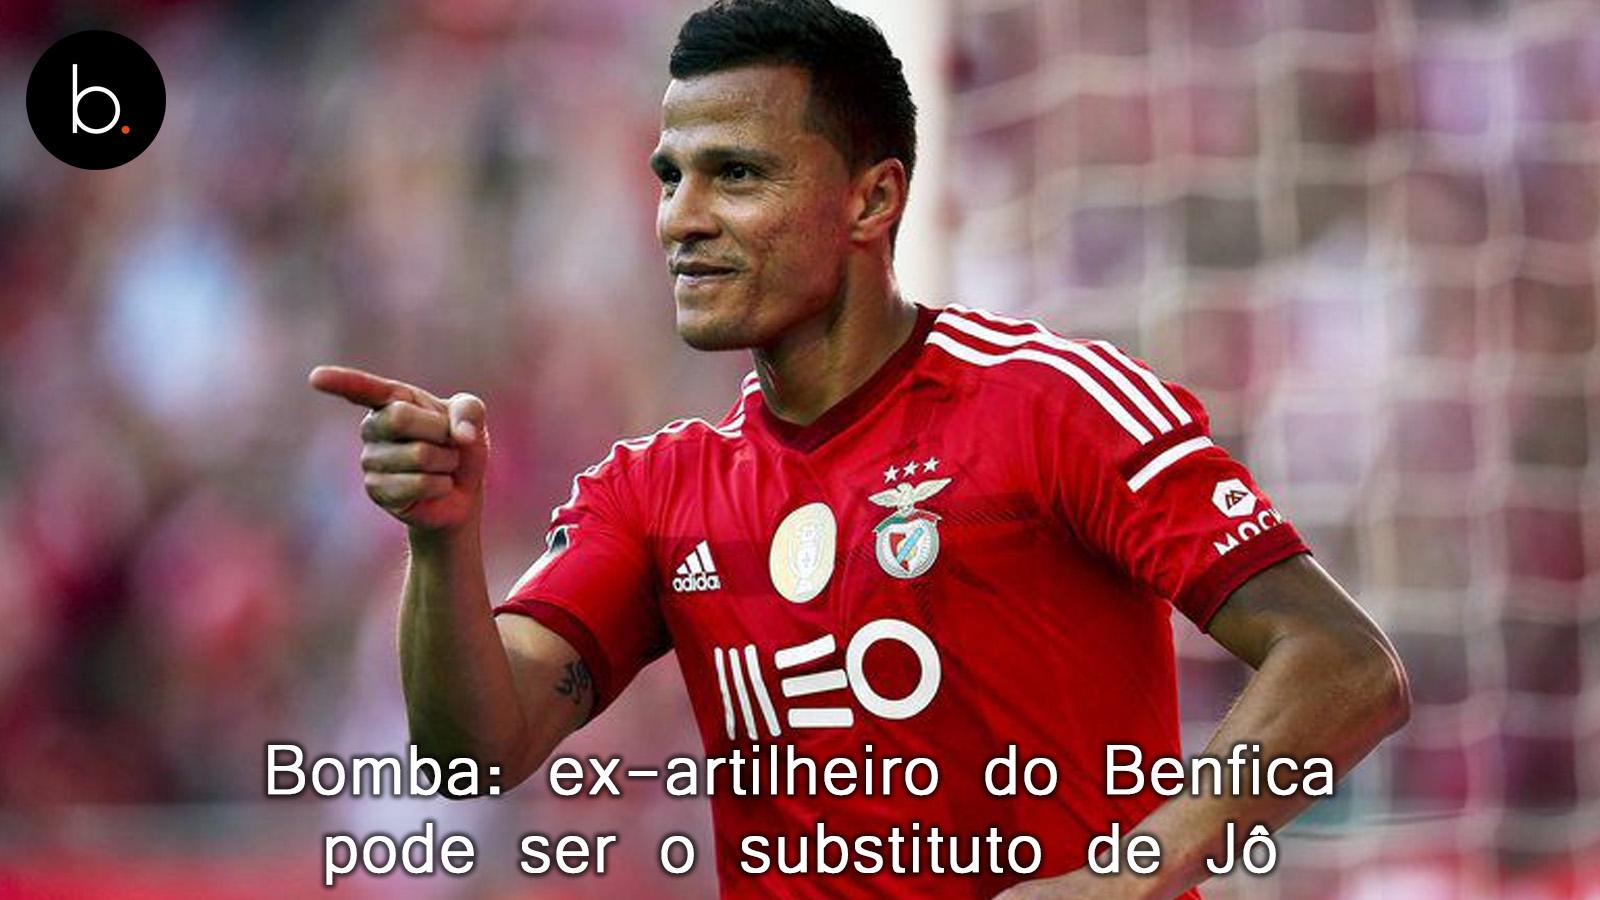 Bomba: ex-artilheiro do Benfica pode ser o substituto de Jô